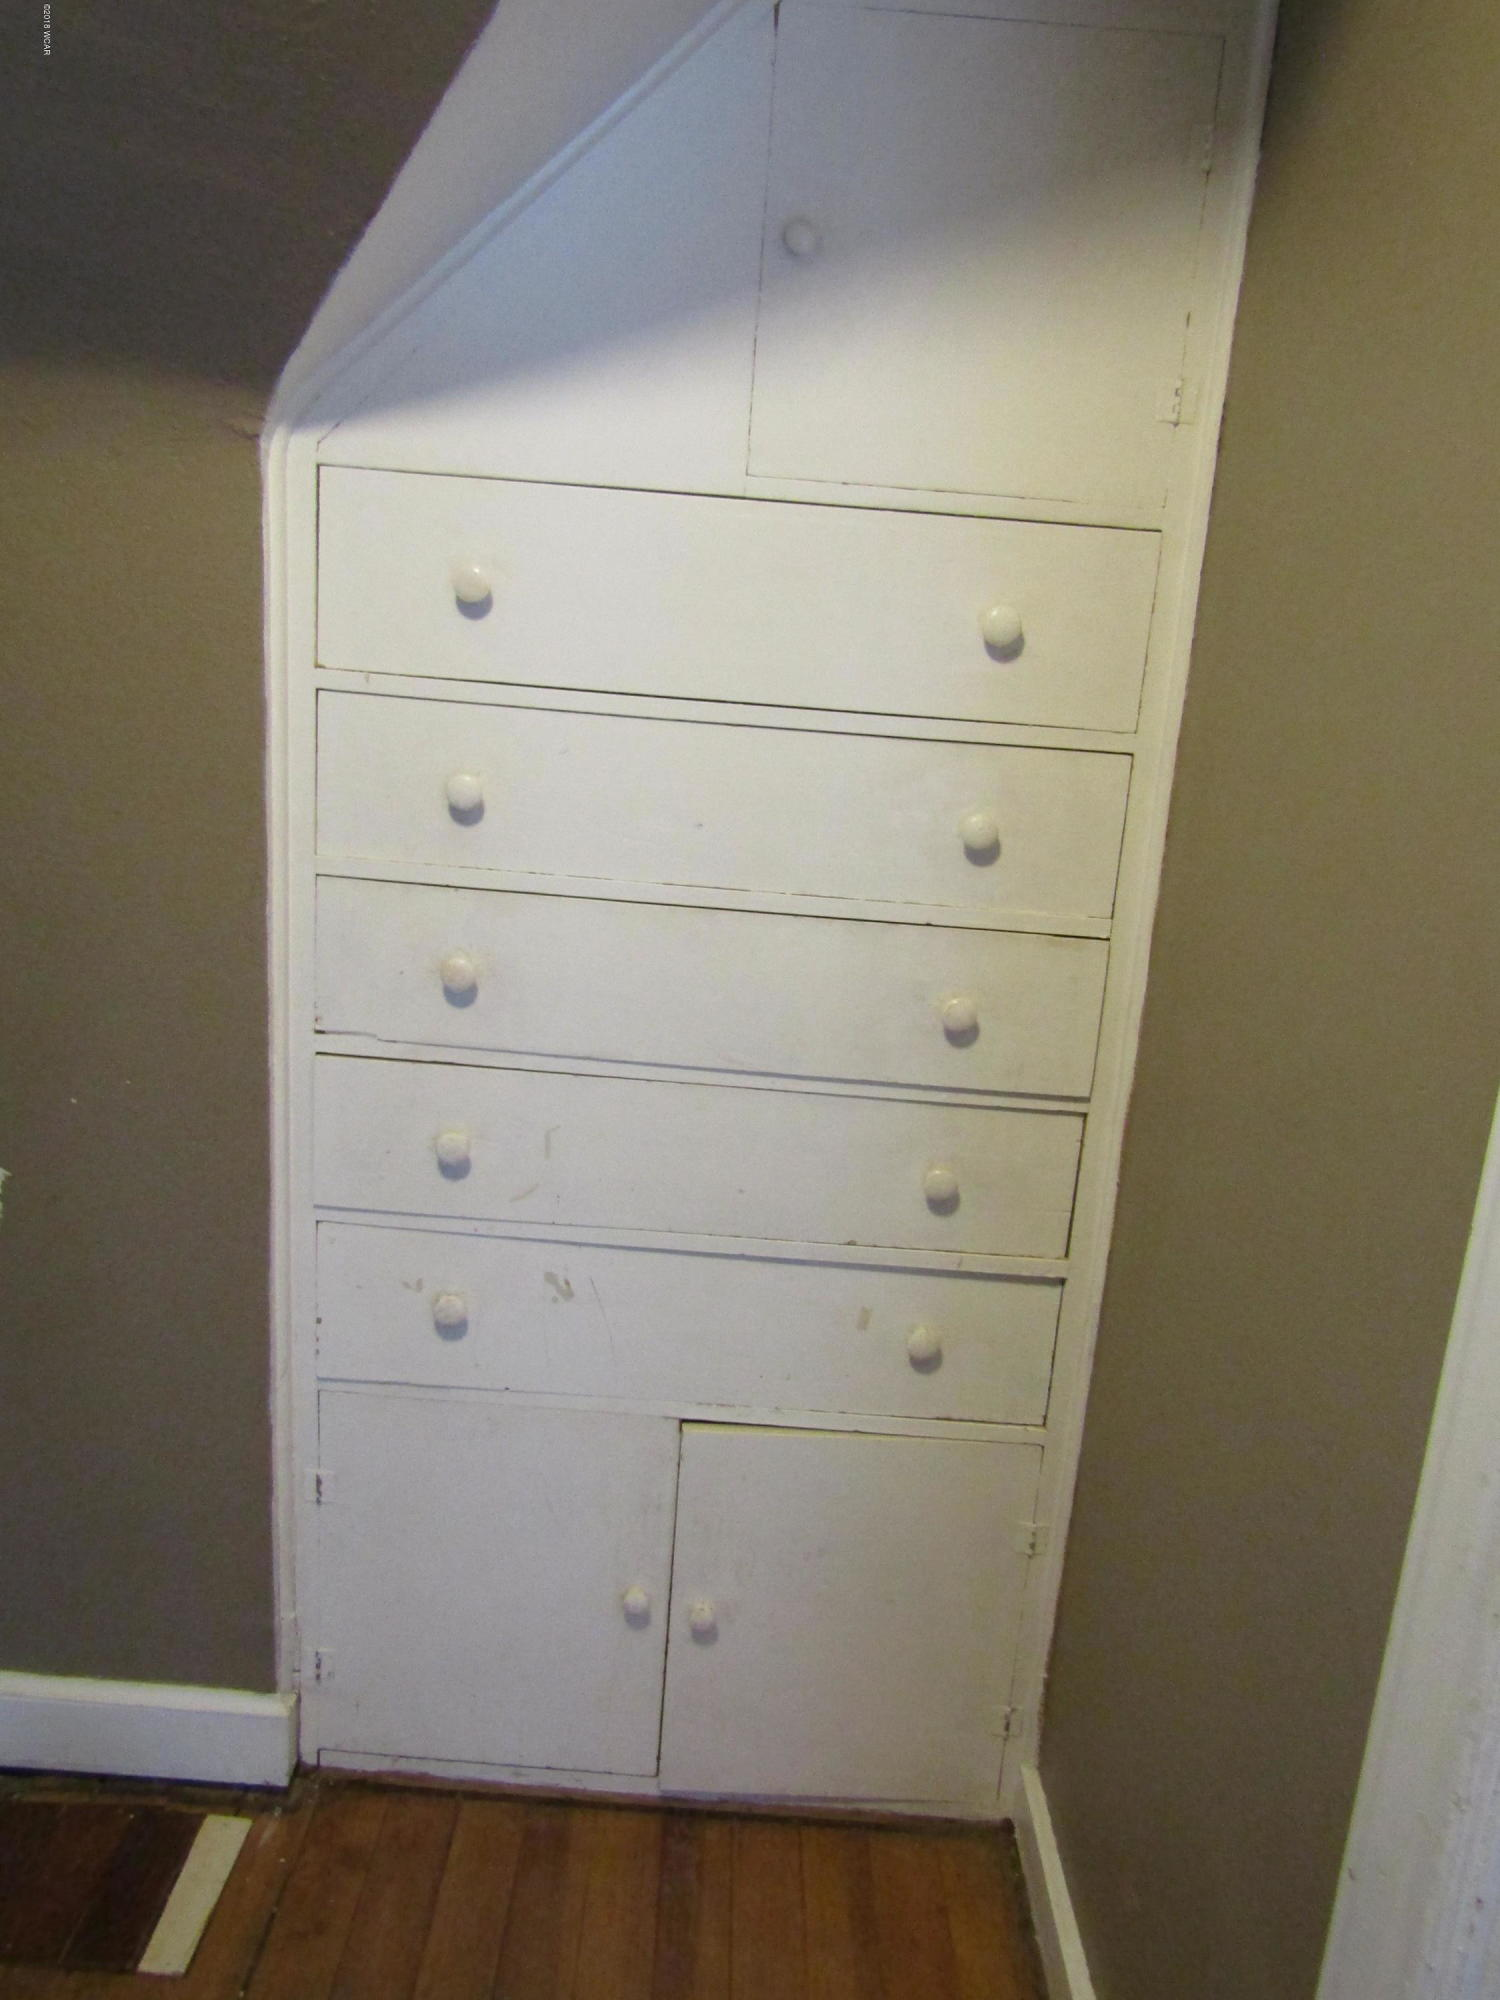 316 N 5th Street,Montevideo,3 Bedrooms Bedrooms,2 BathroomsBathrooms,Single Family,N 5th Street,6032350